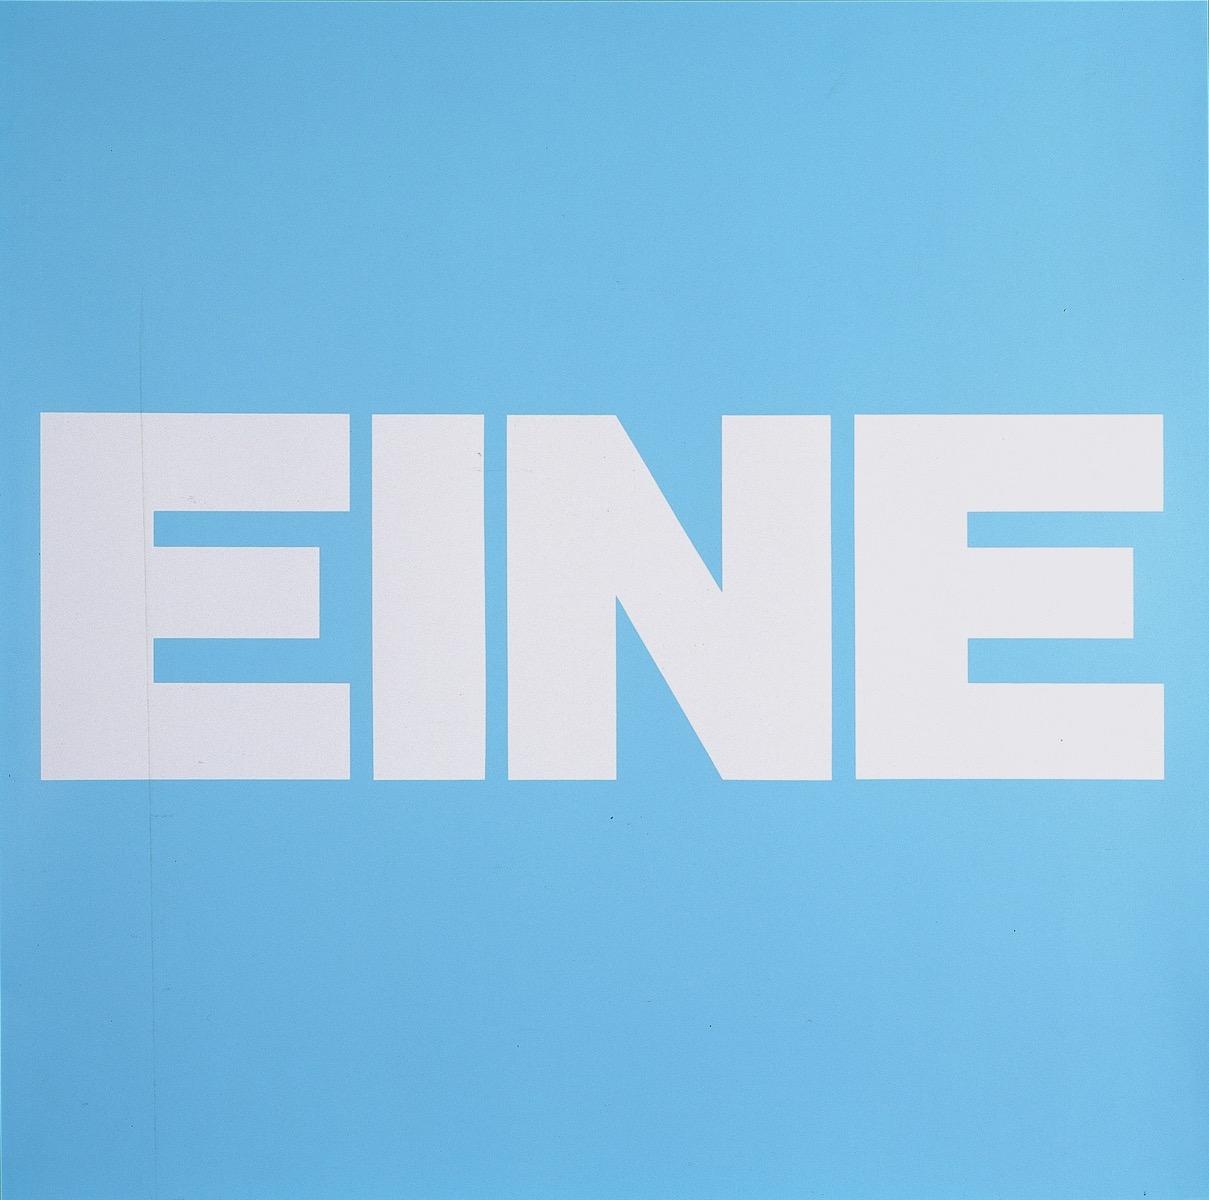 EINE, BLAU | Affirmation tut gut | Angelika Beuler | 1992